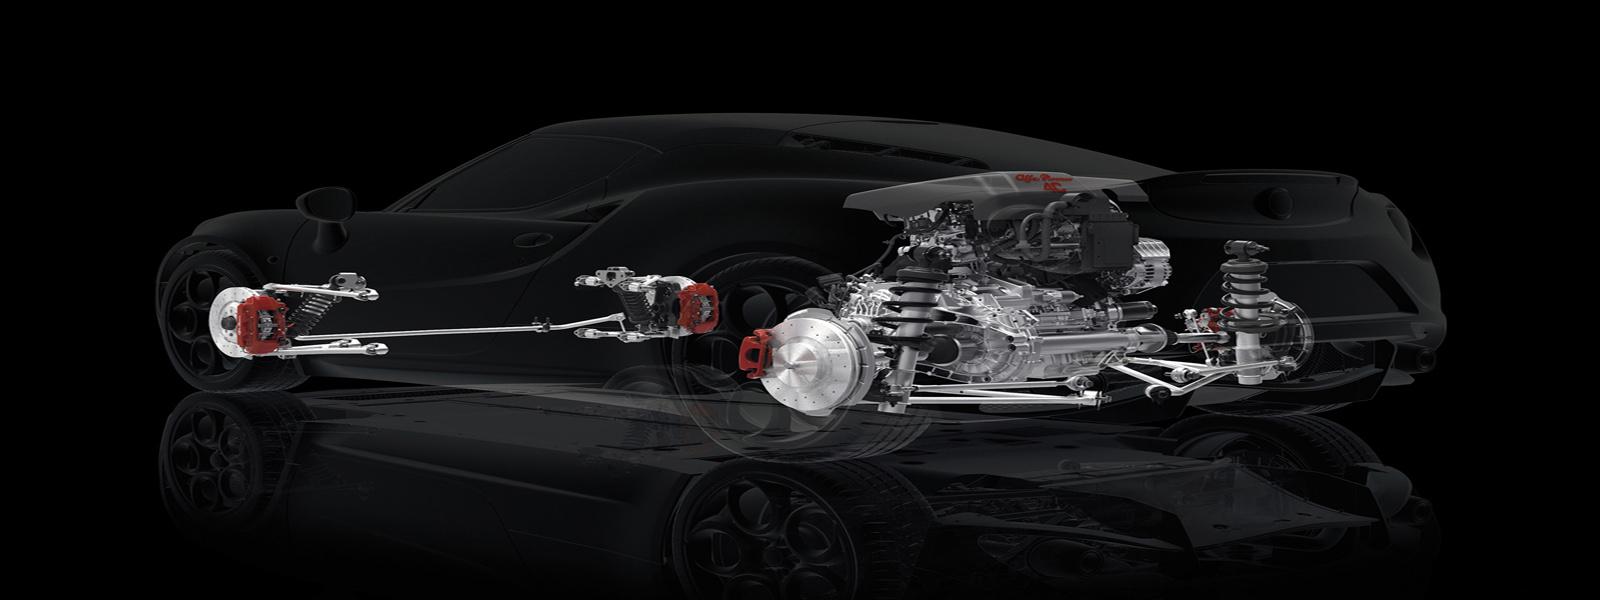 Ремонт легковых и коммерческих автомобилей